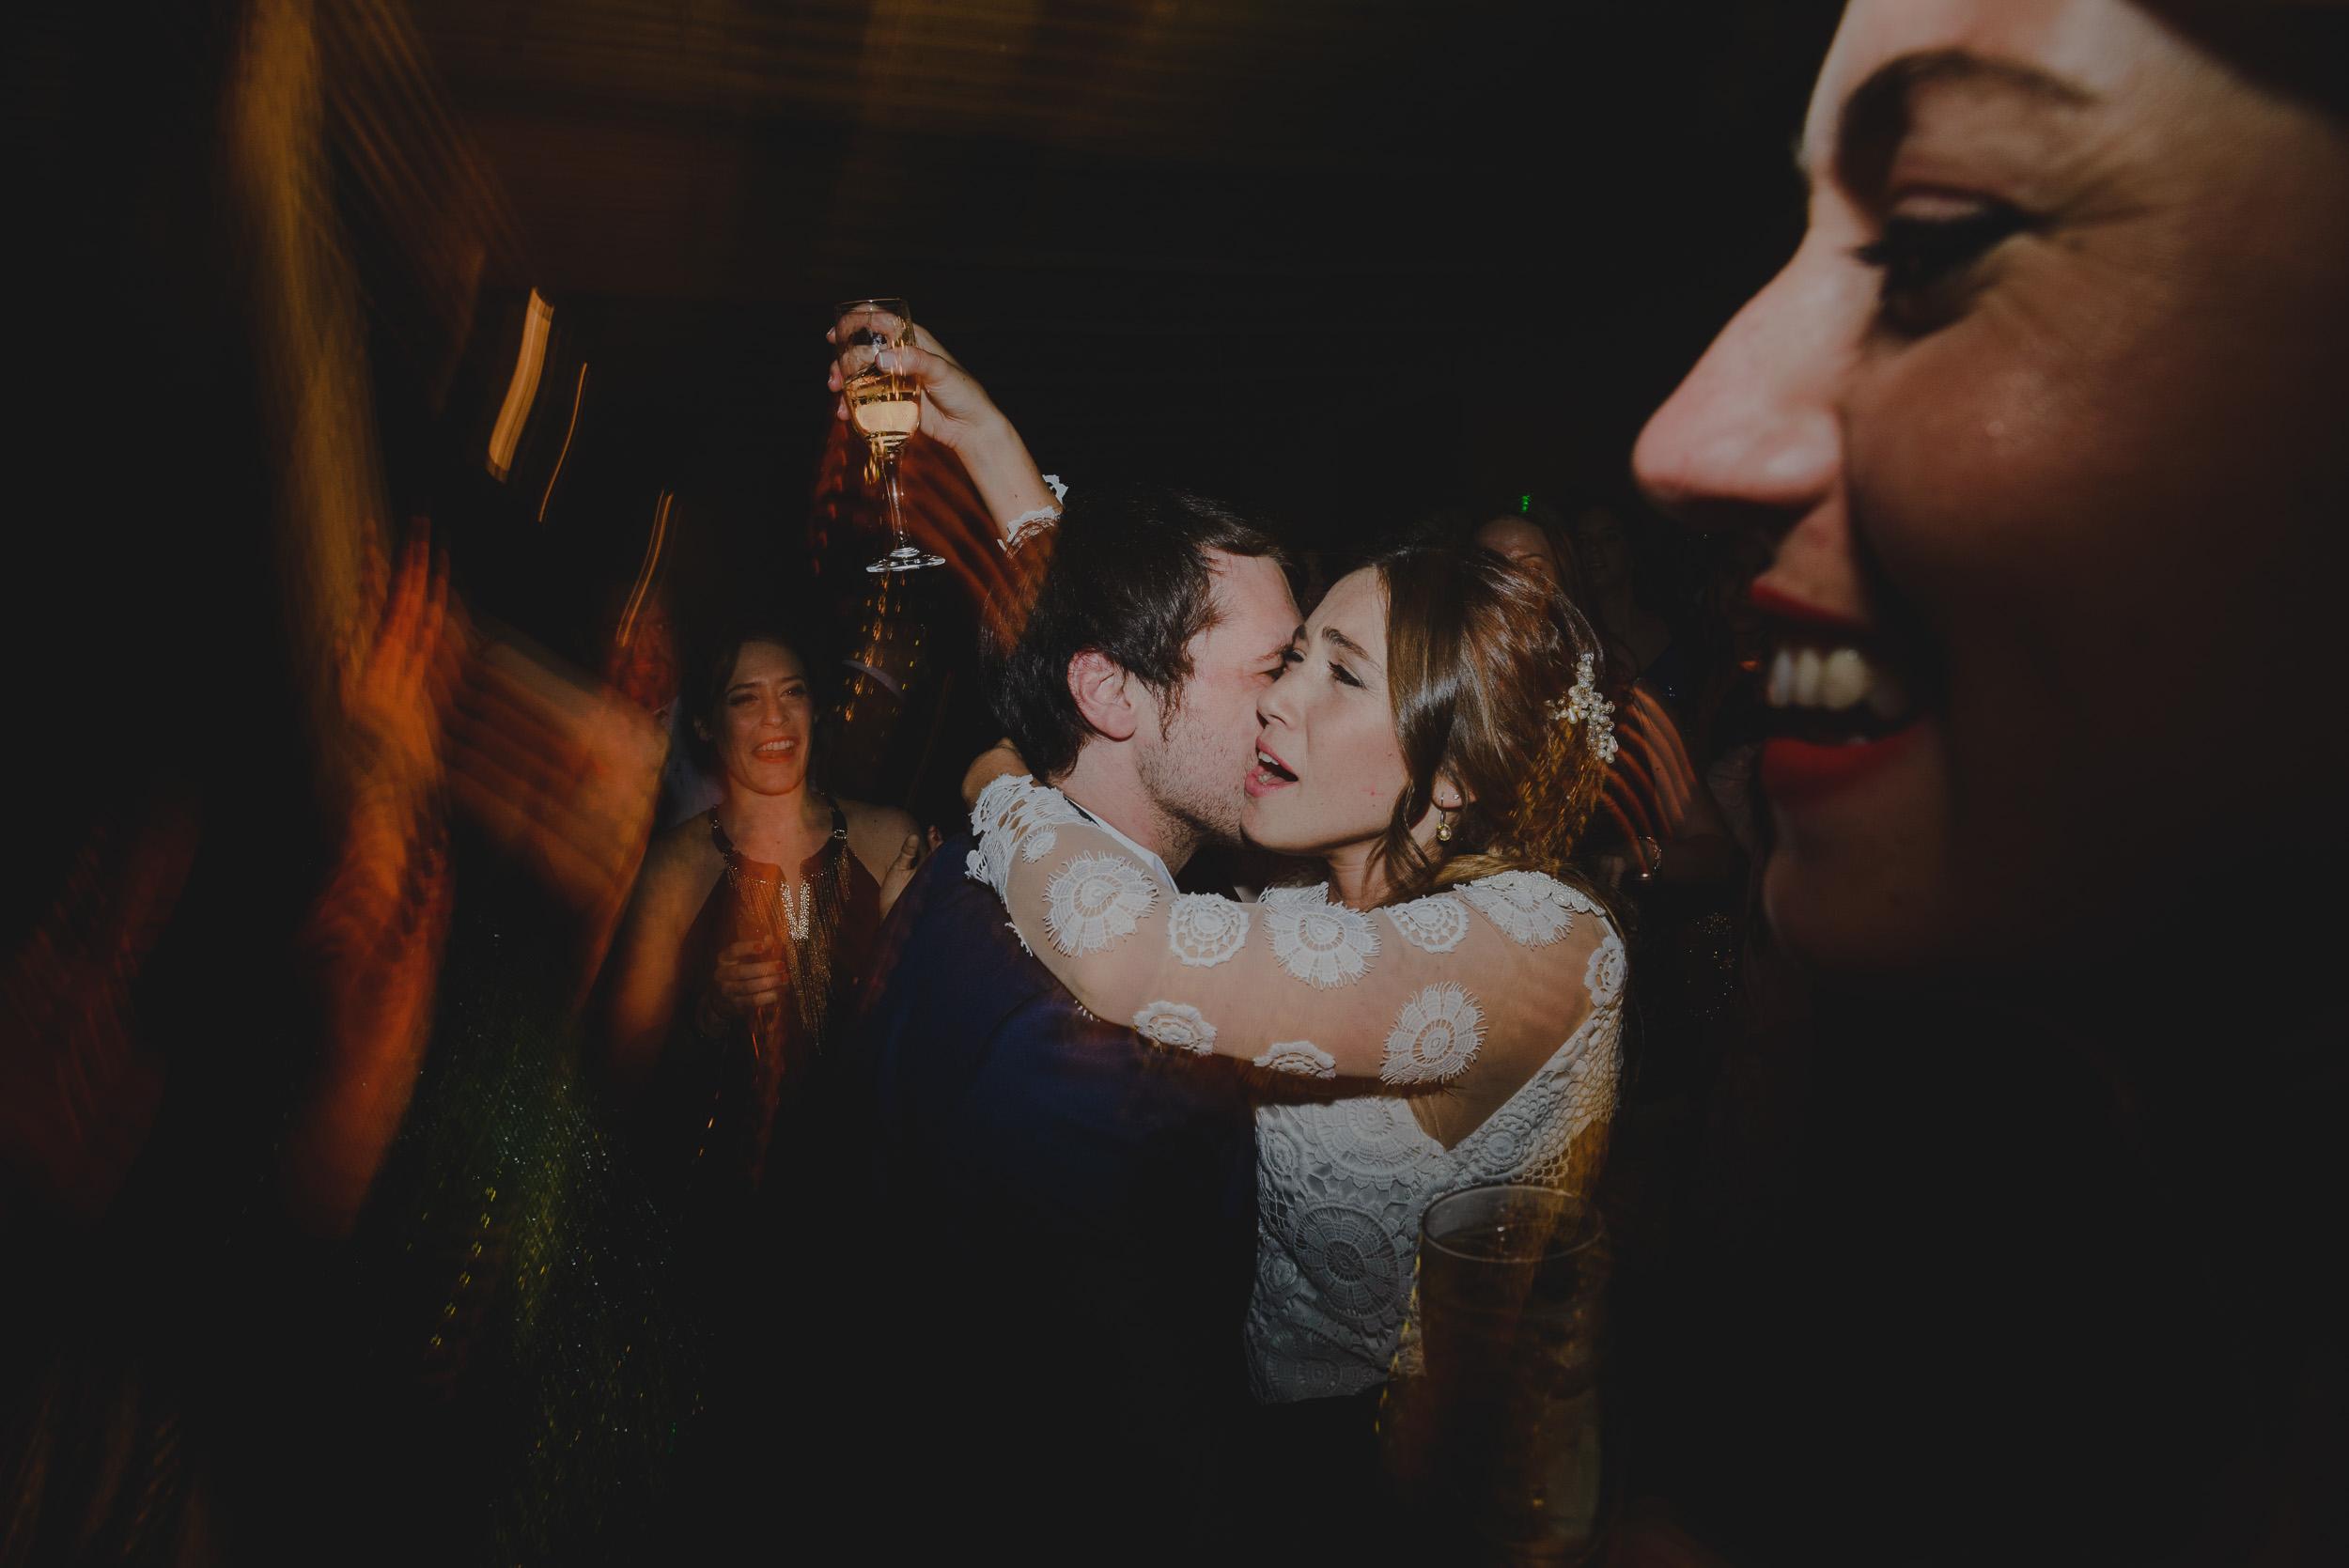 Mati & Juan boda en Bodega Jacksonville , FOTOGRAFIA DE BODA POITEVIN LOPEZ-128